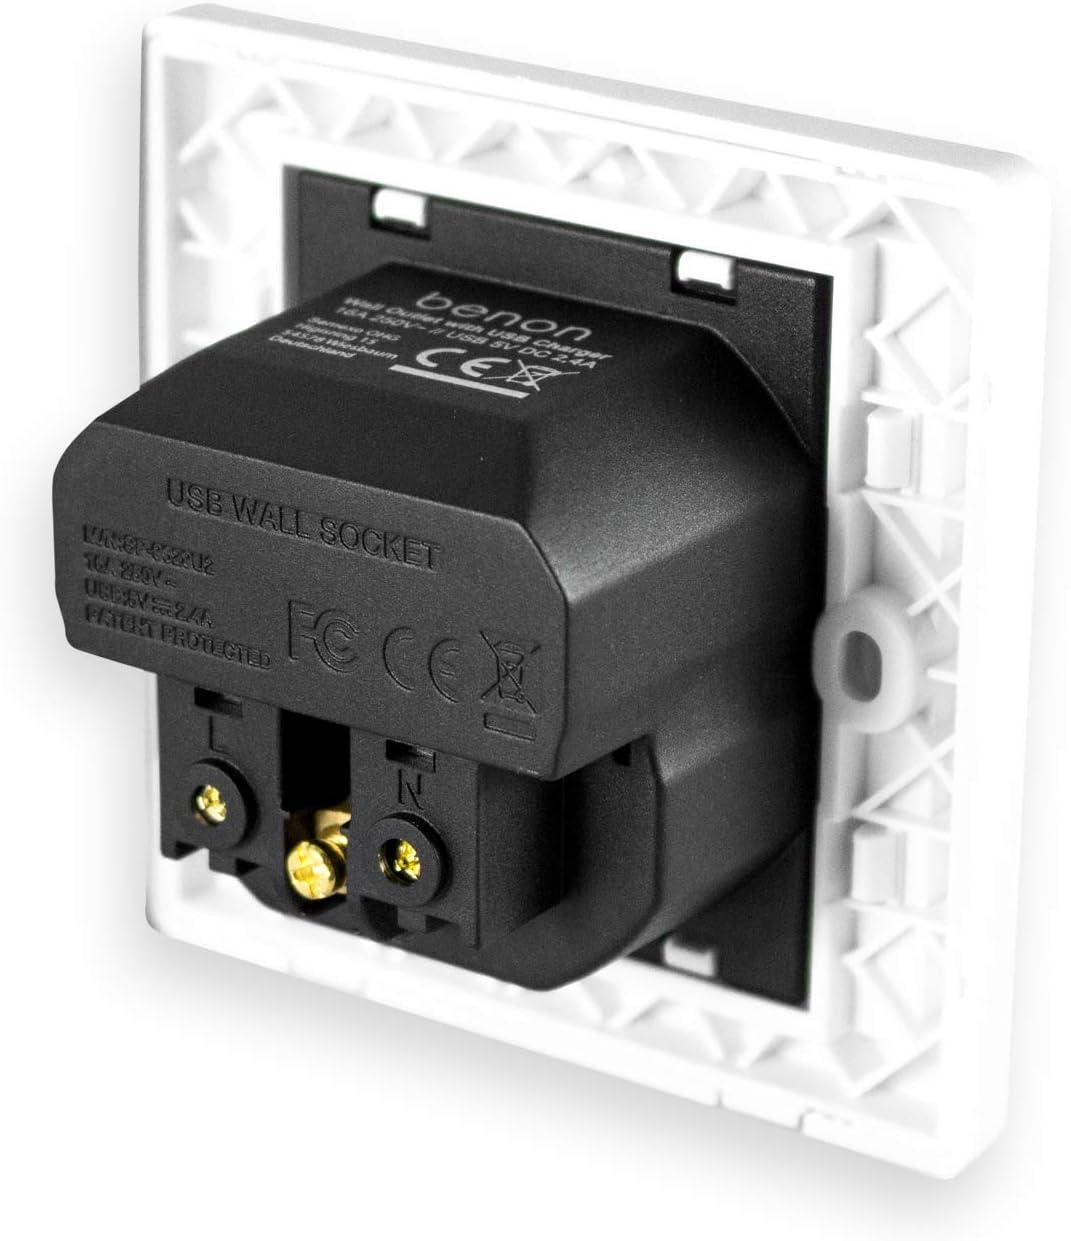 - Schukosteckdose max Unterputz USB-Steckdose mit /Überlastschutz und Kindersicherung 3680W Wei/ß 5V benon 2x Wand-Steckdose mit USB Anschluss im Set 2.4A USB